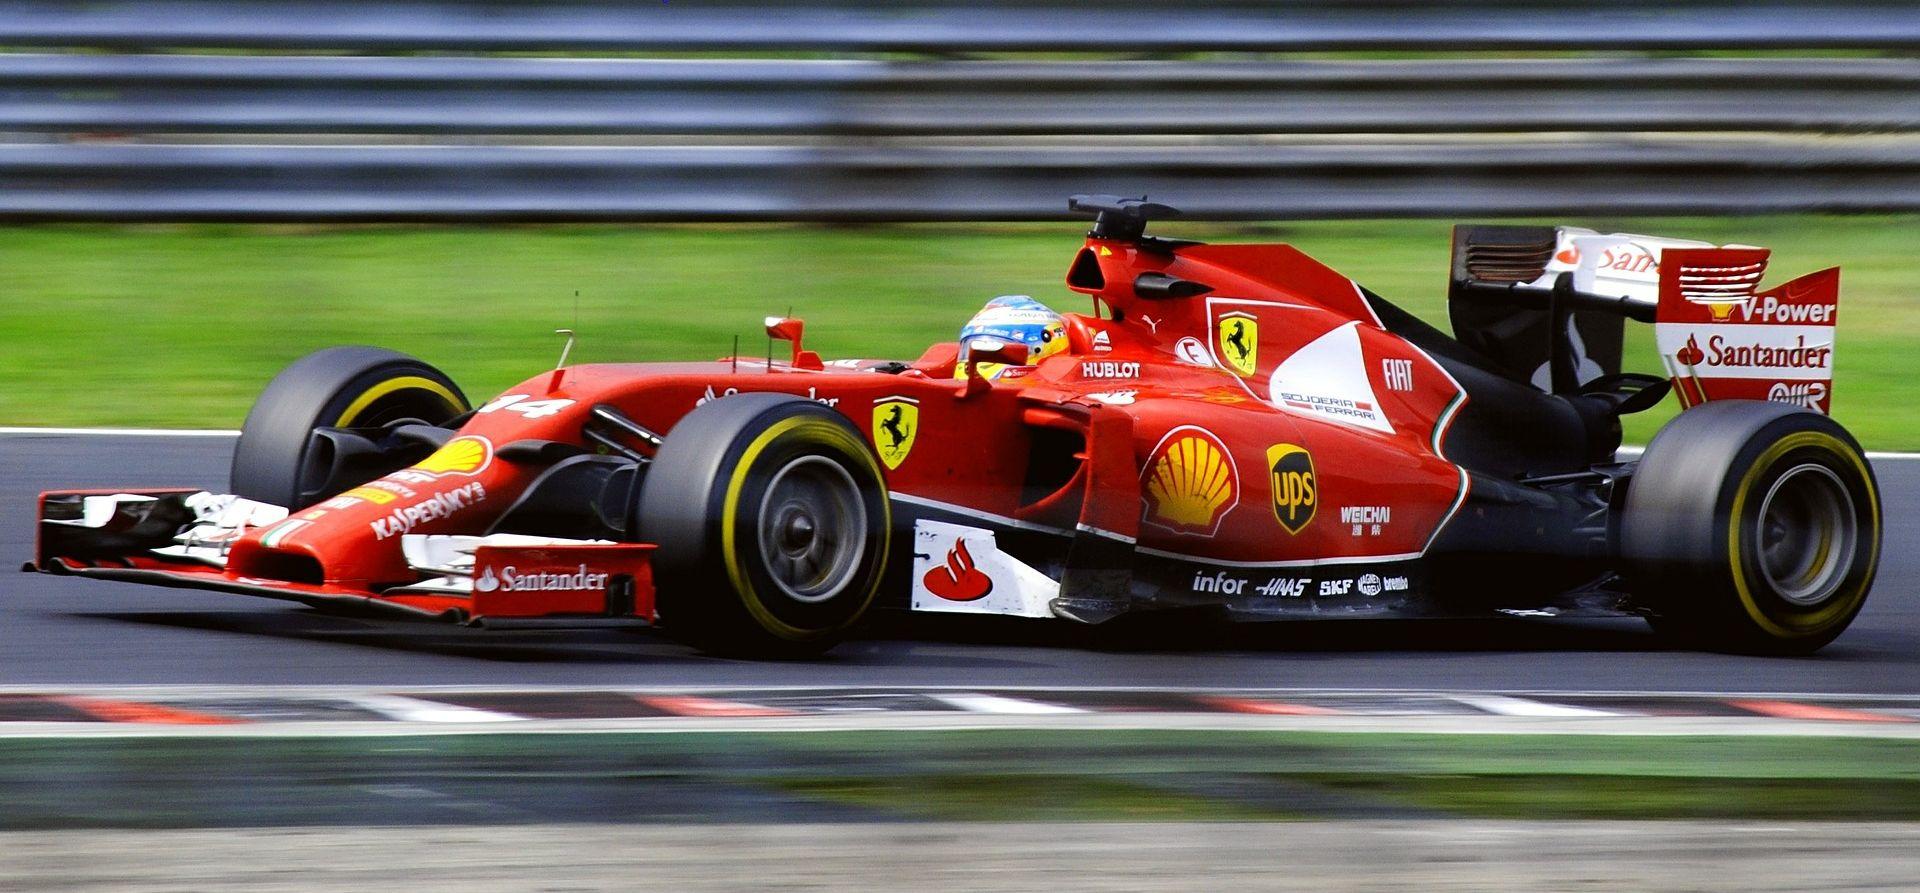 F1 – Većina vozača nezadovoljna novim sustavom kvalifikacija